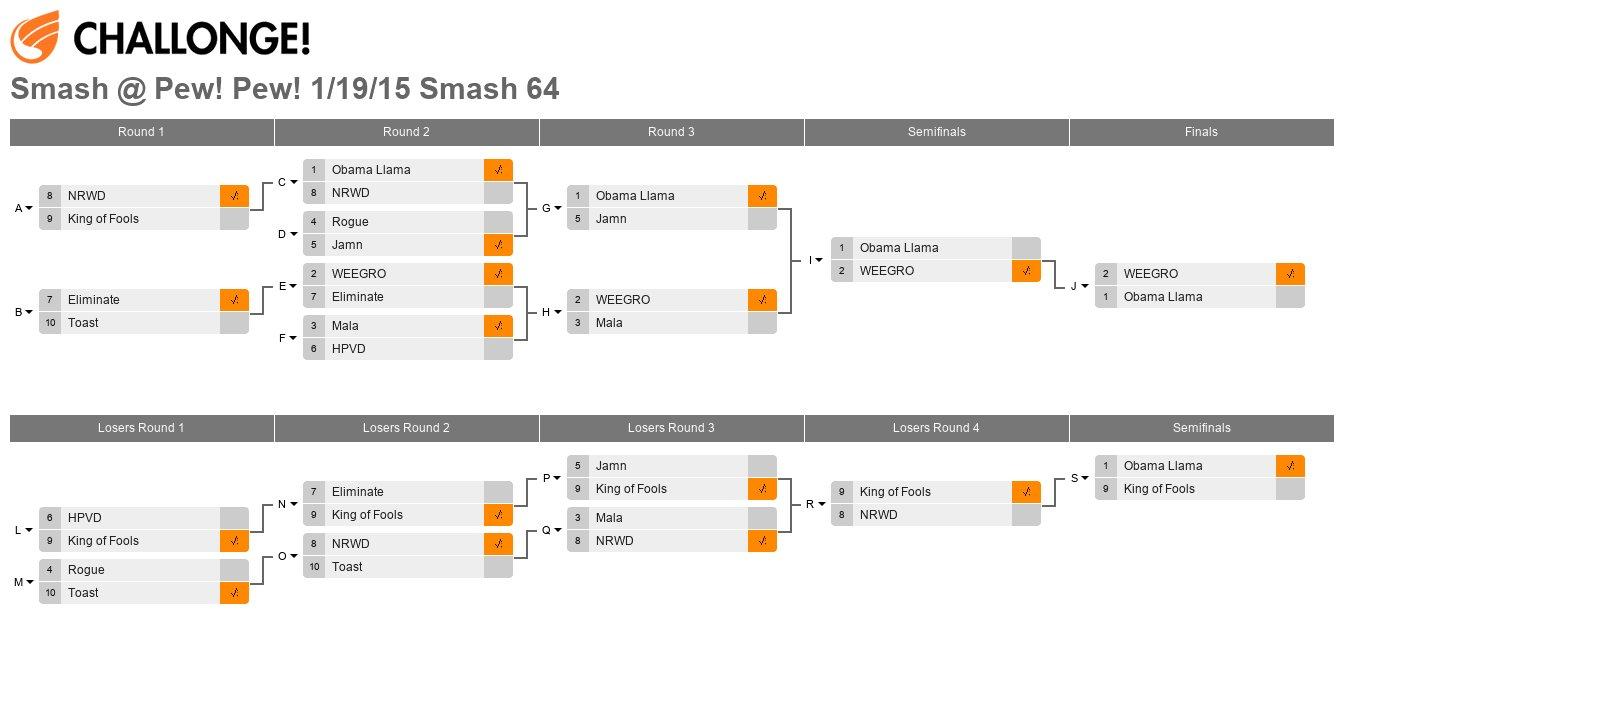 Smash @ Pew! Pew! 1/19/15 Smash 64